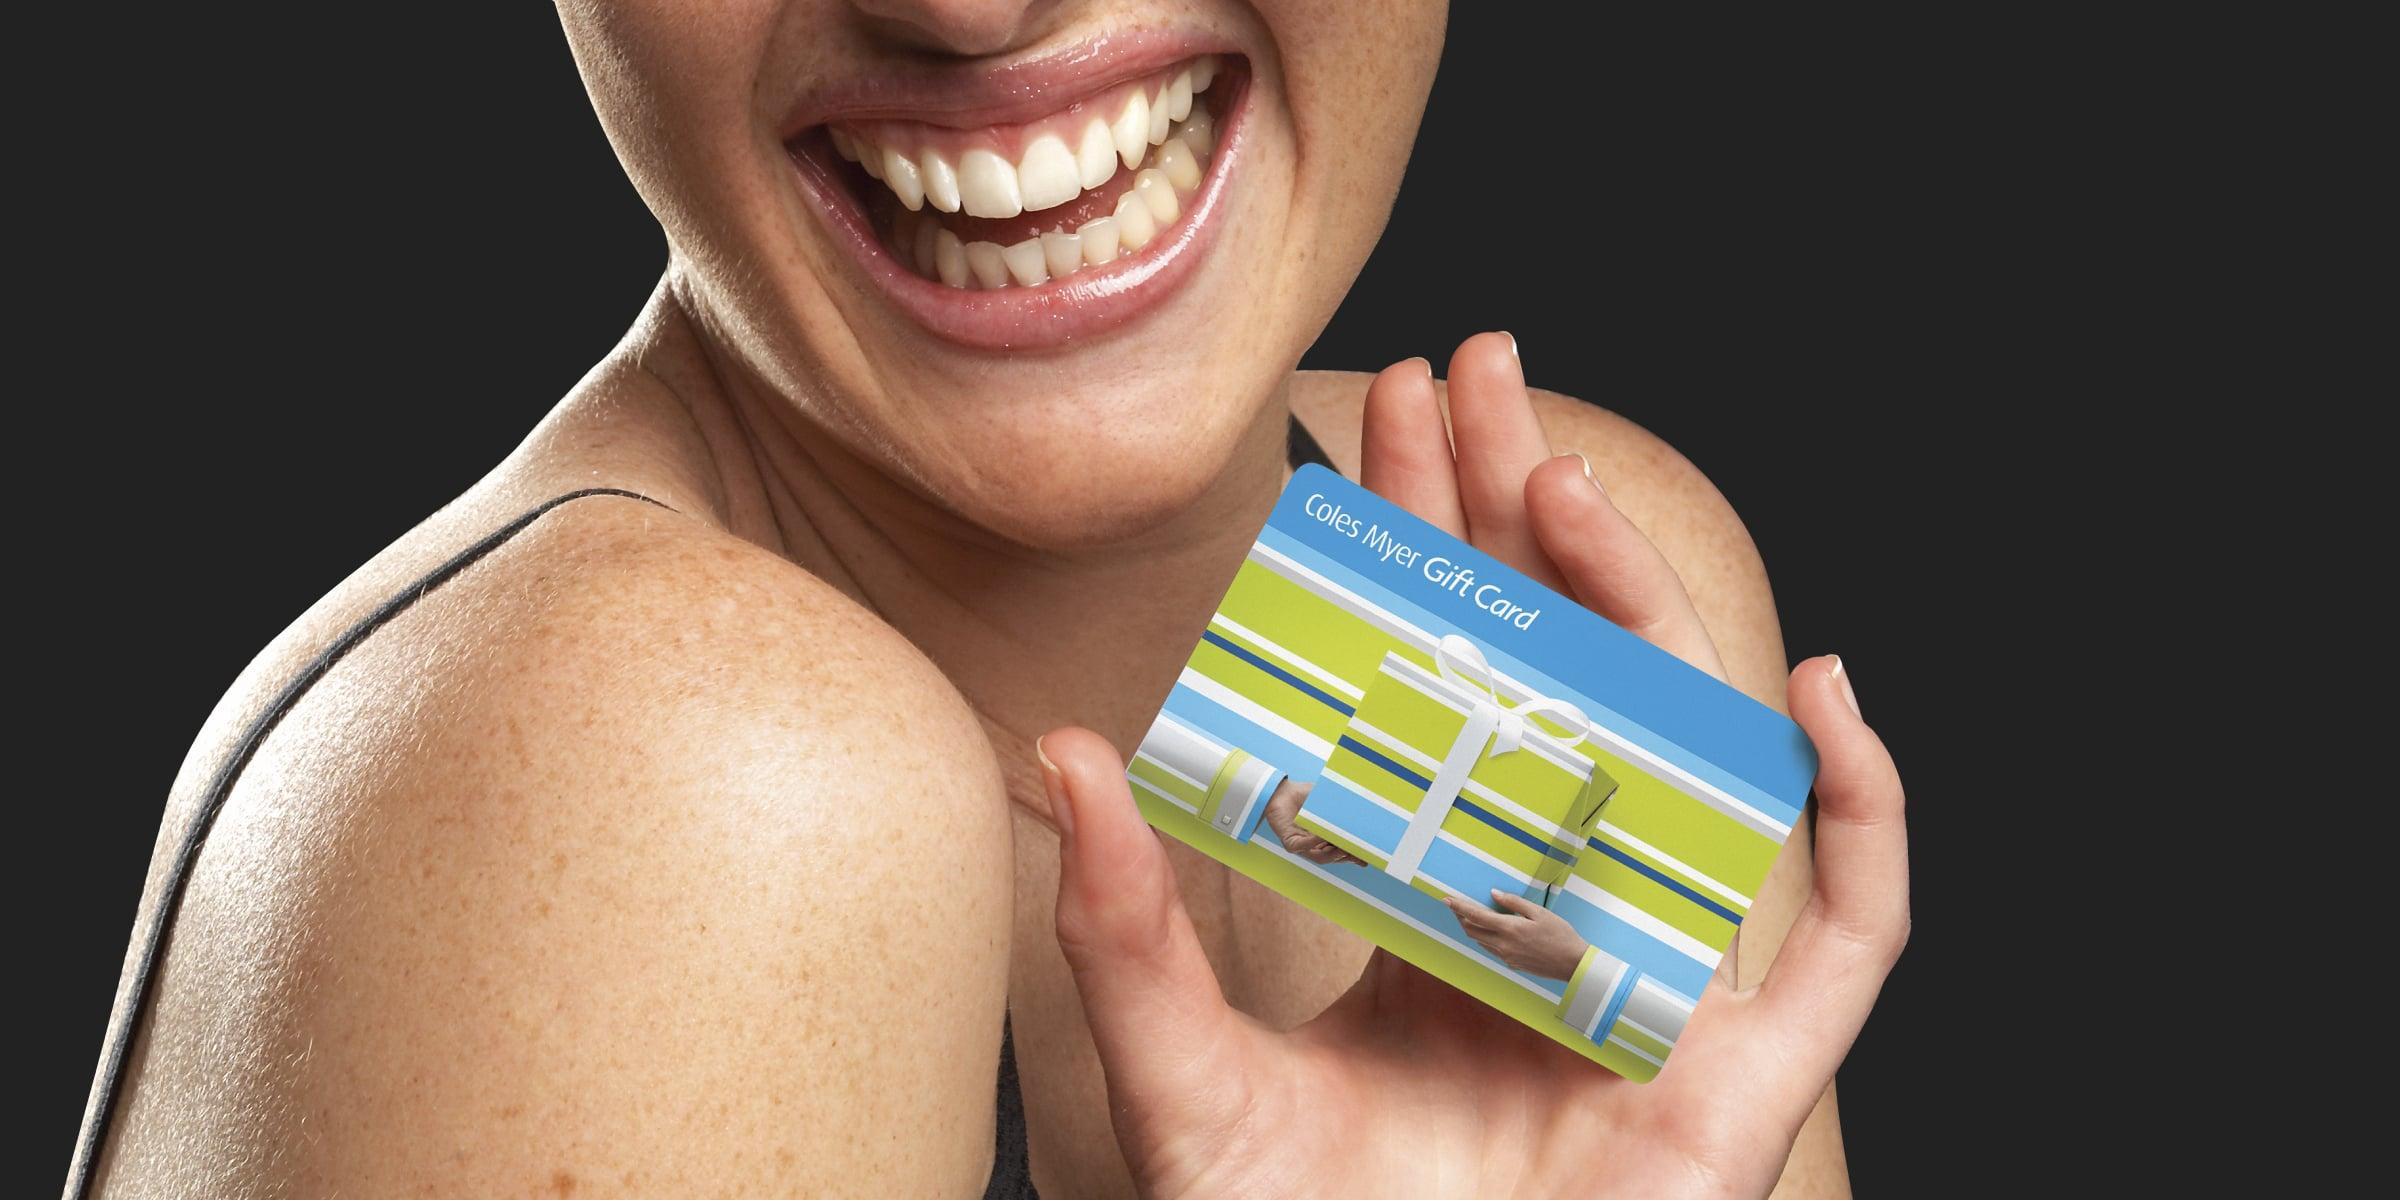 Davidson Branding Coles Myer Gift Card Smile